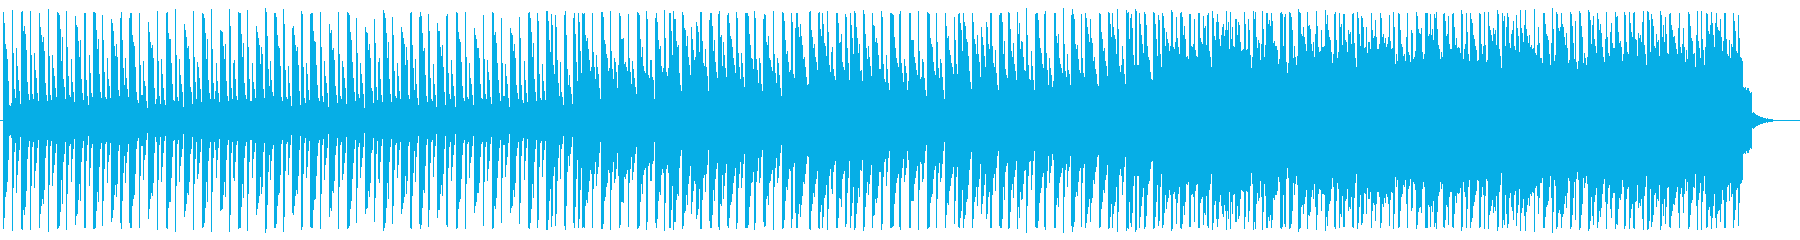 サイバー/エレクトロ_No579_2の再生済みの波形